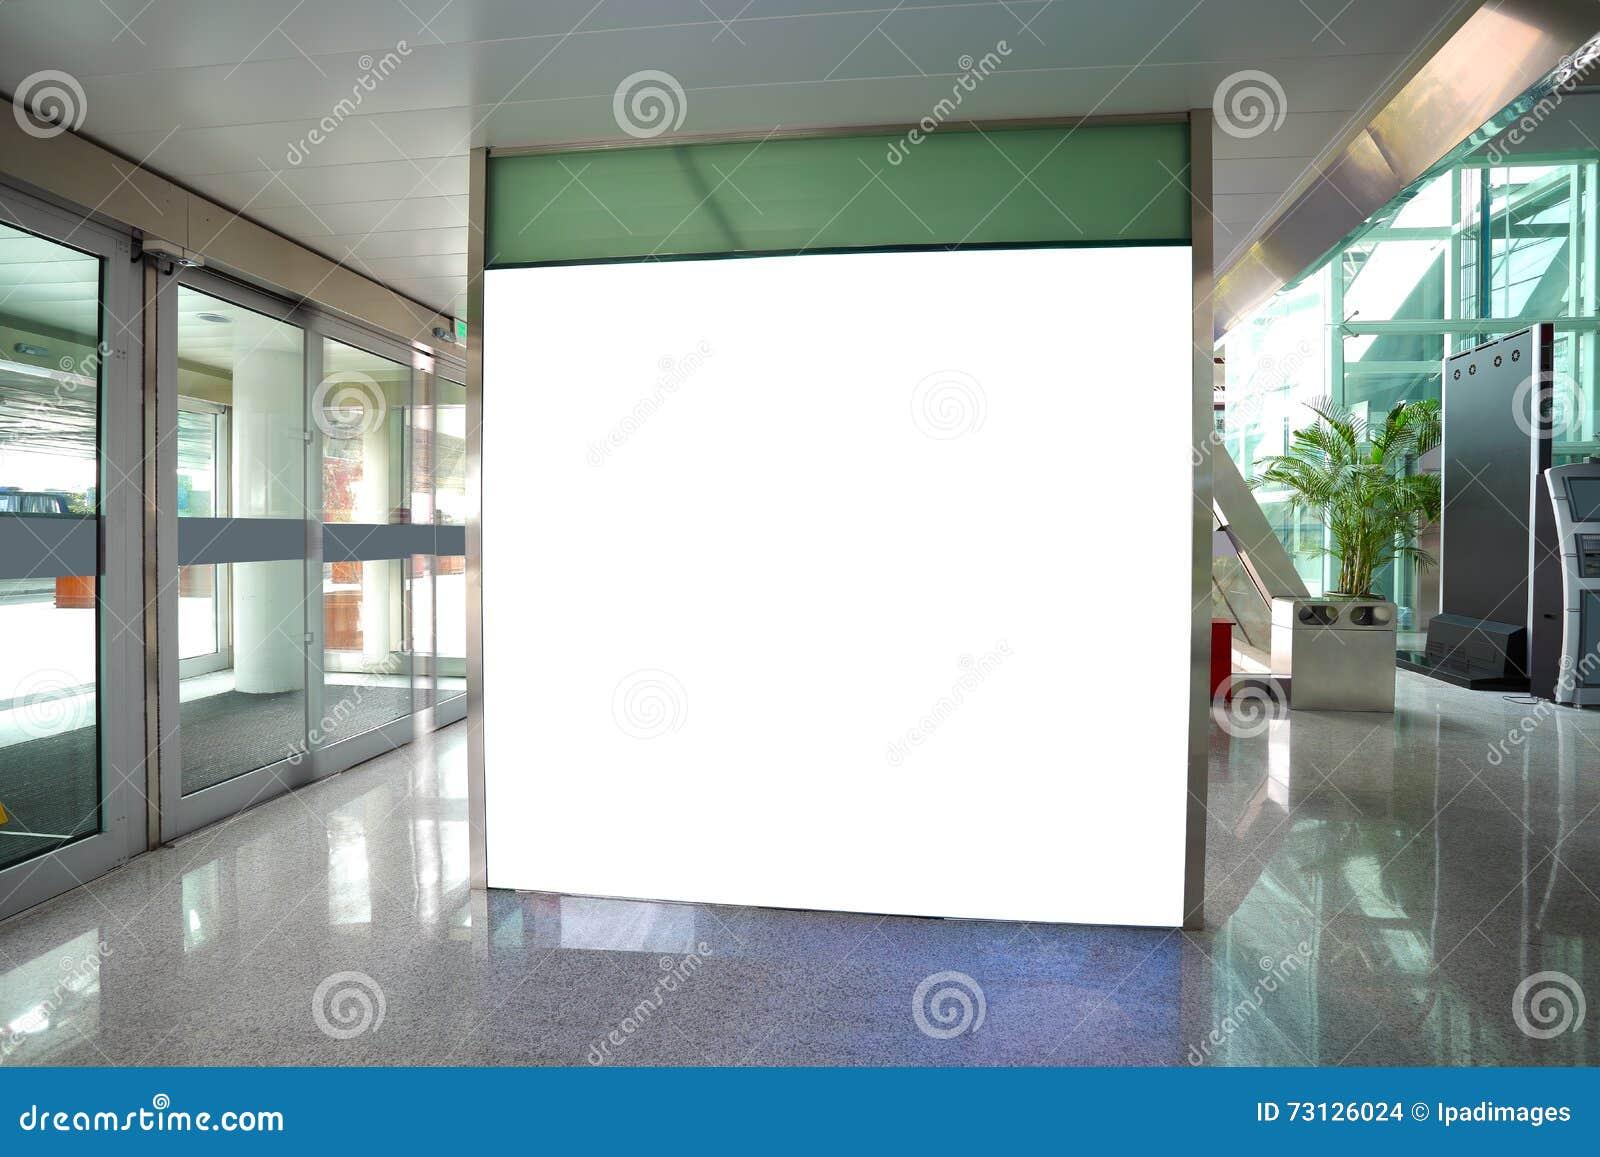 Lightboxes de la pared del pasillo de la pared de cristal de la puerta de salida del aeropuerto